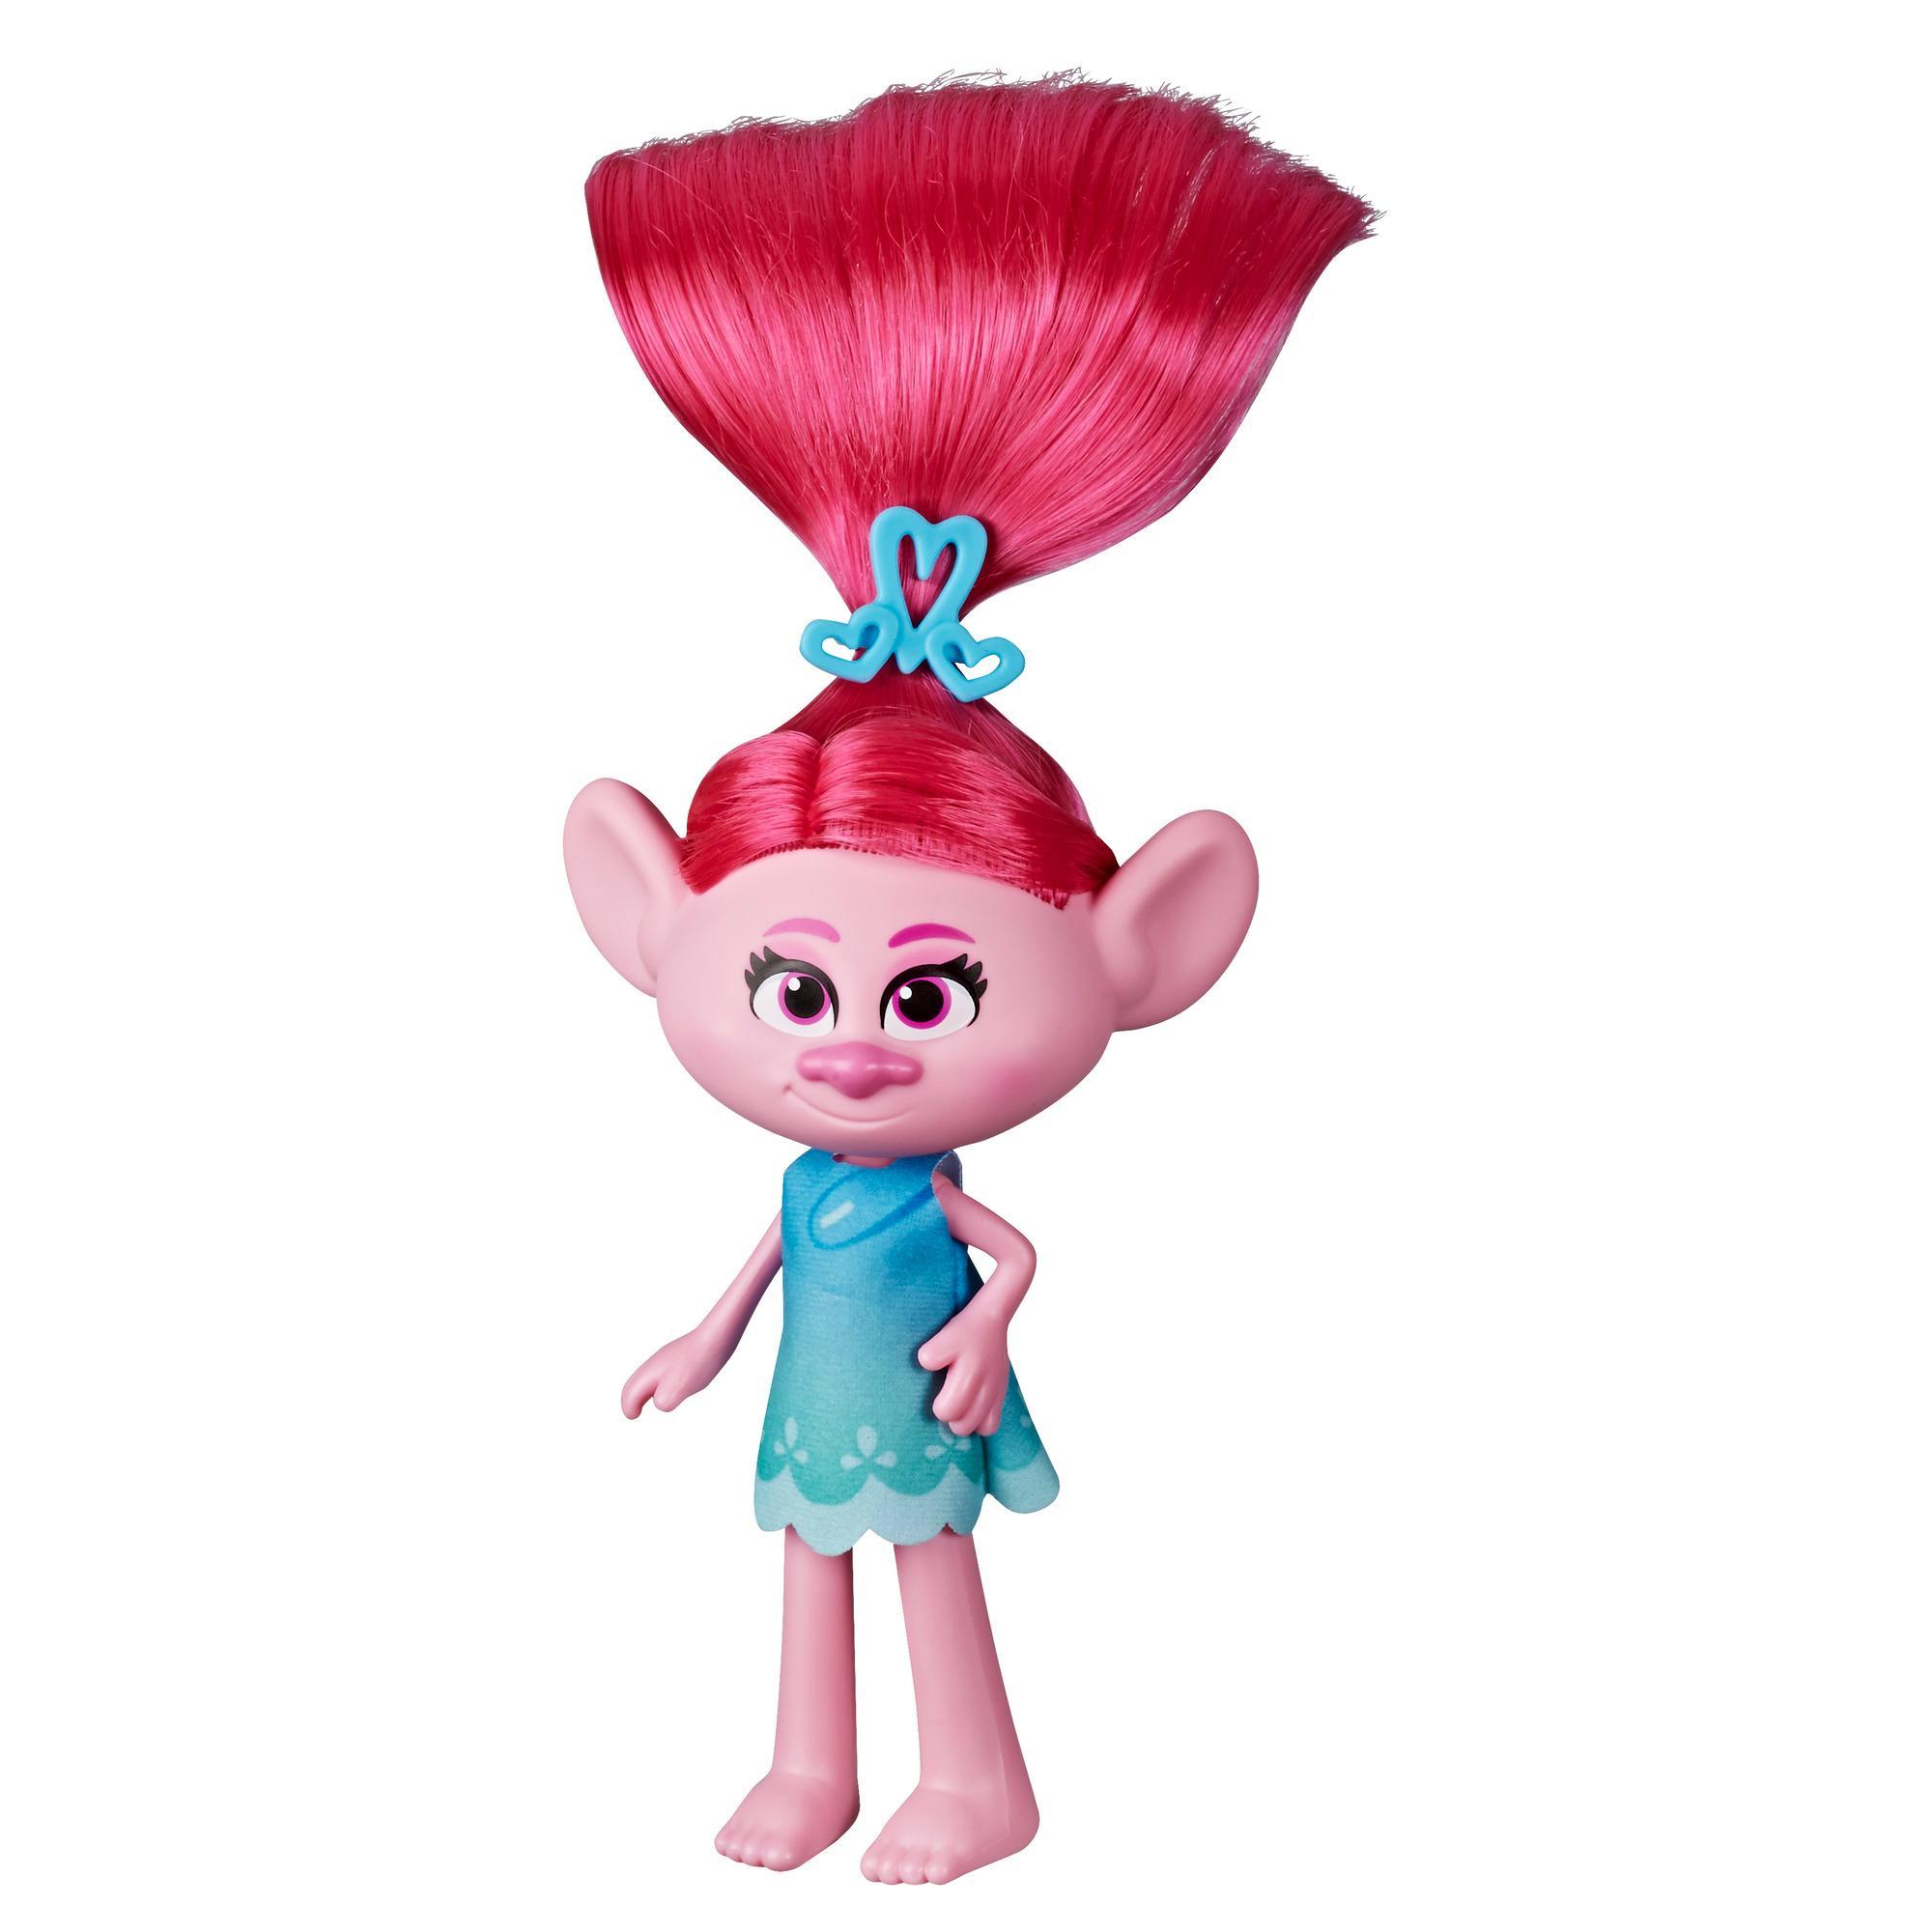 DreamWorks Trolls Poppy no Estilo com vestido removível e acessório de cabelo, com inspiração no filme Trolls World Tour